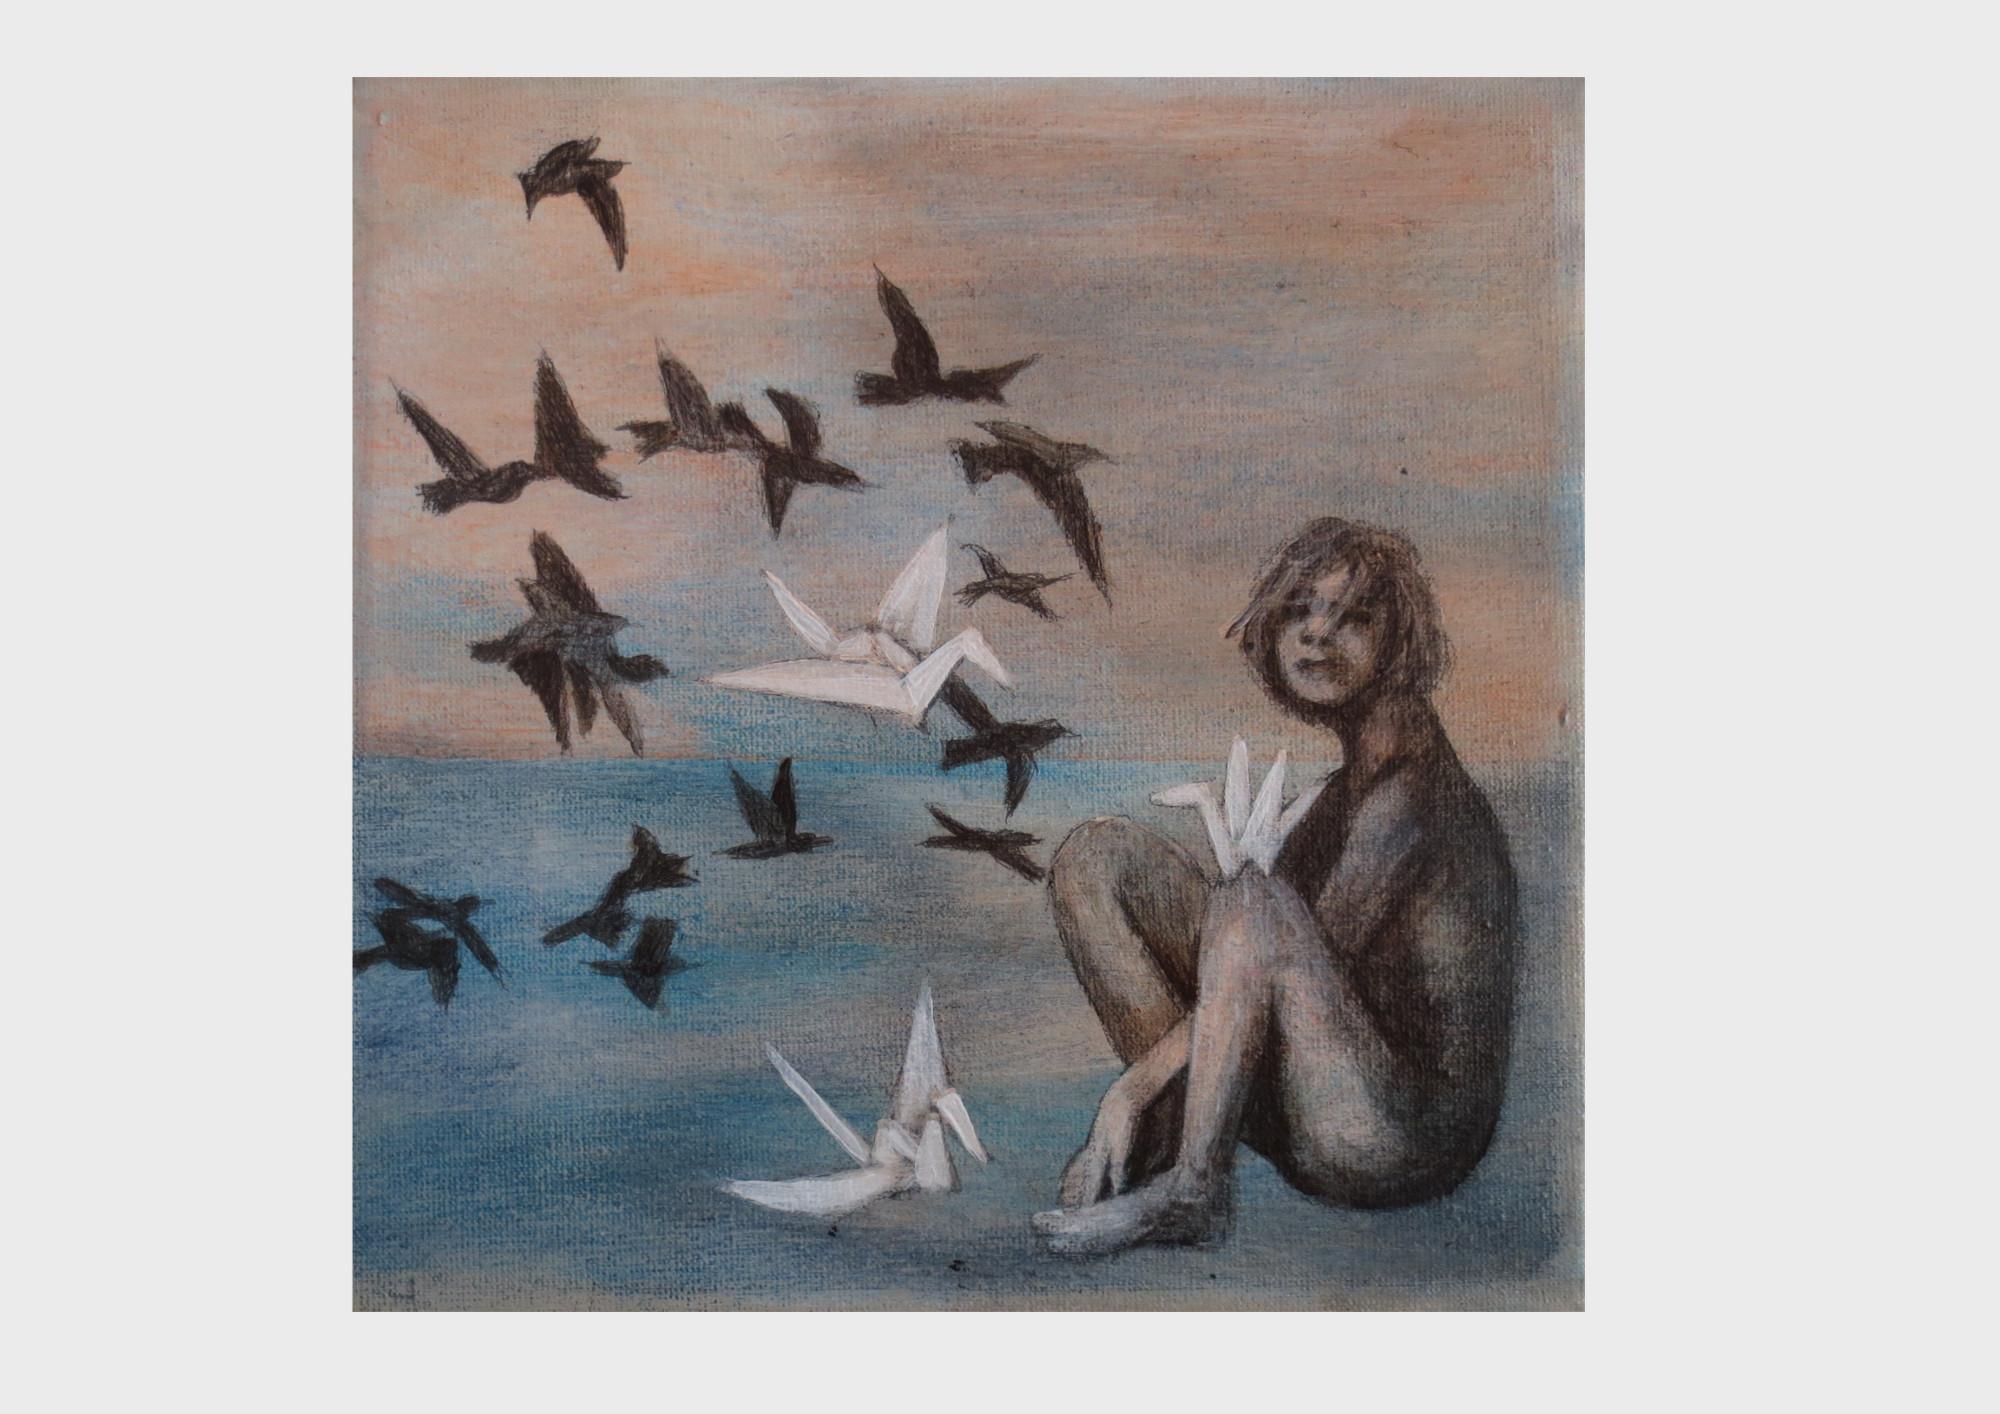 Melancholie oder süße Traurigkeit. Eine frau sitzt am Meer und versinkt in ihren Träumen. Gedanken aus Buchseiten, Wörtern und Geschichten, die sich falten, zu Papier vögeln werden und als Papierkraniche über das Meer treiben und durch den bedeckten Himmel fliegen. In erdfarben und Blau Tönen.